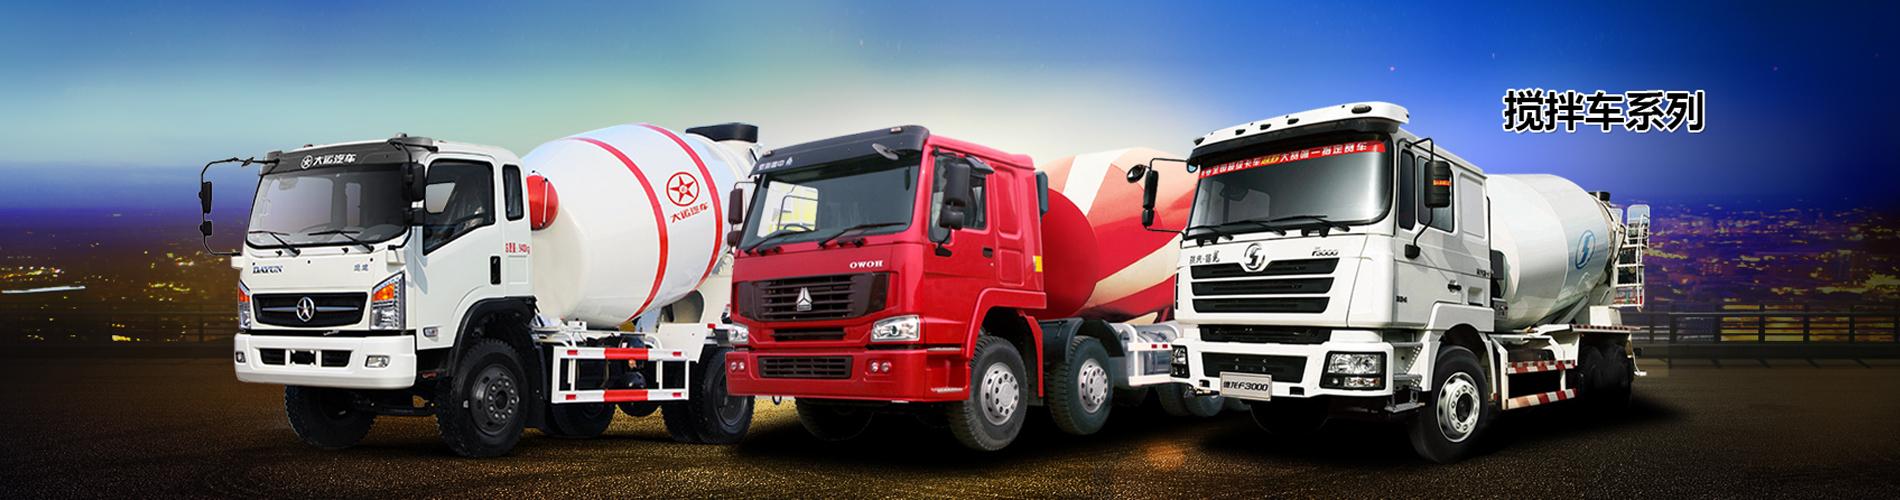 垃圾车车载音响养护的经验-程力专用汽车股份有限公司销售二十四分公司